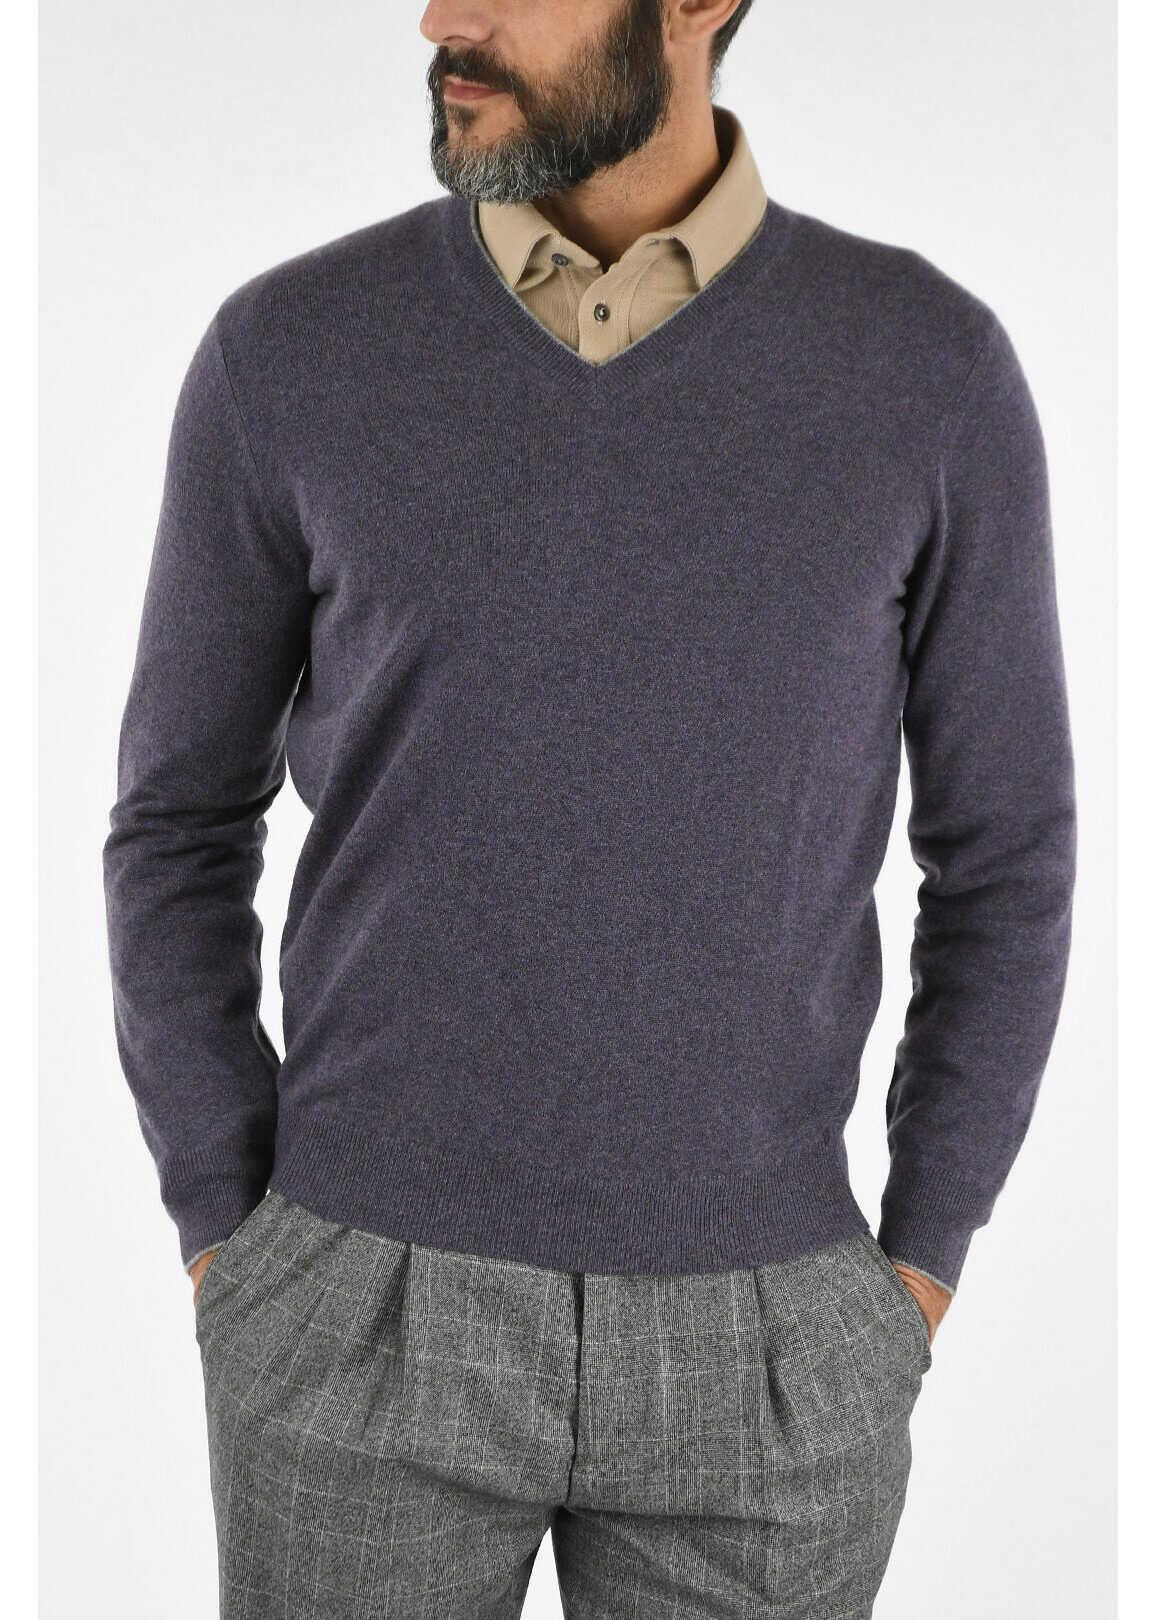 Brunello Cucinelli Cashmere V-neck Sweater VIOLET imagine